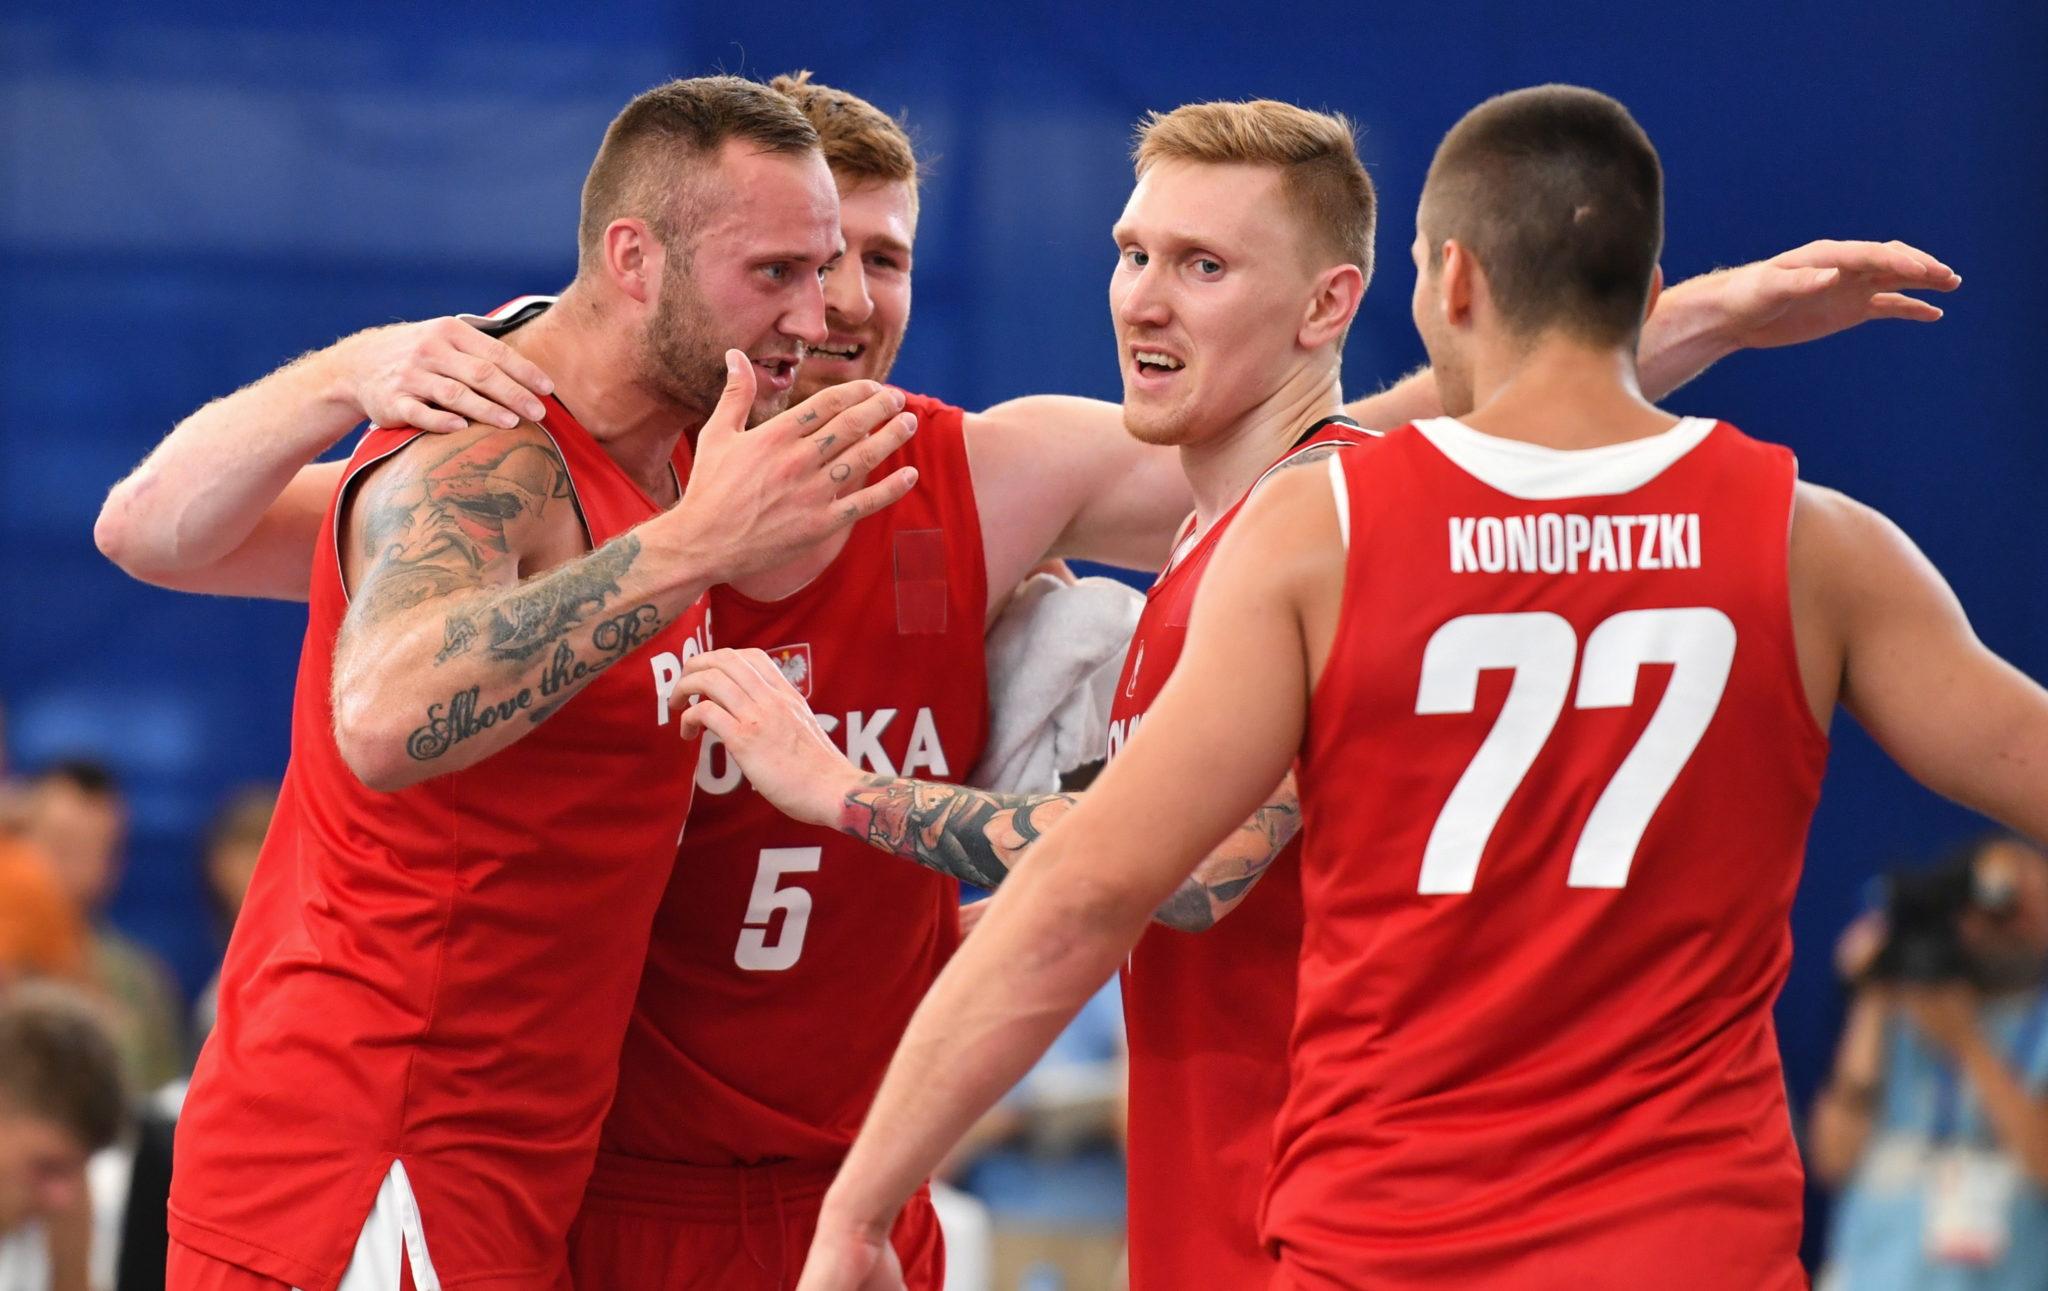 Polacy w meczu koszykówki 3x3 z reprezentacją Litwy, fot. Piotr Nowak, PAP